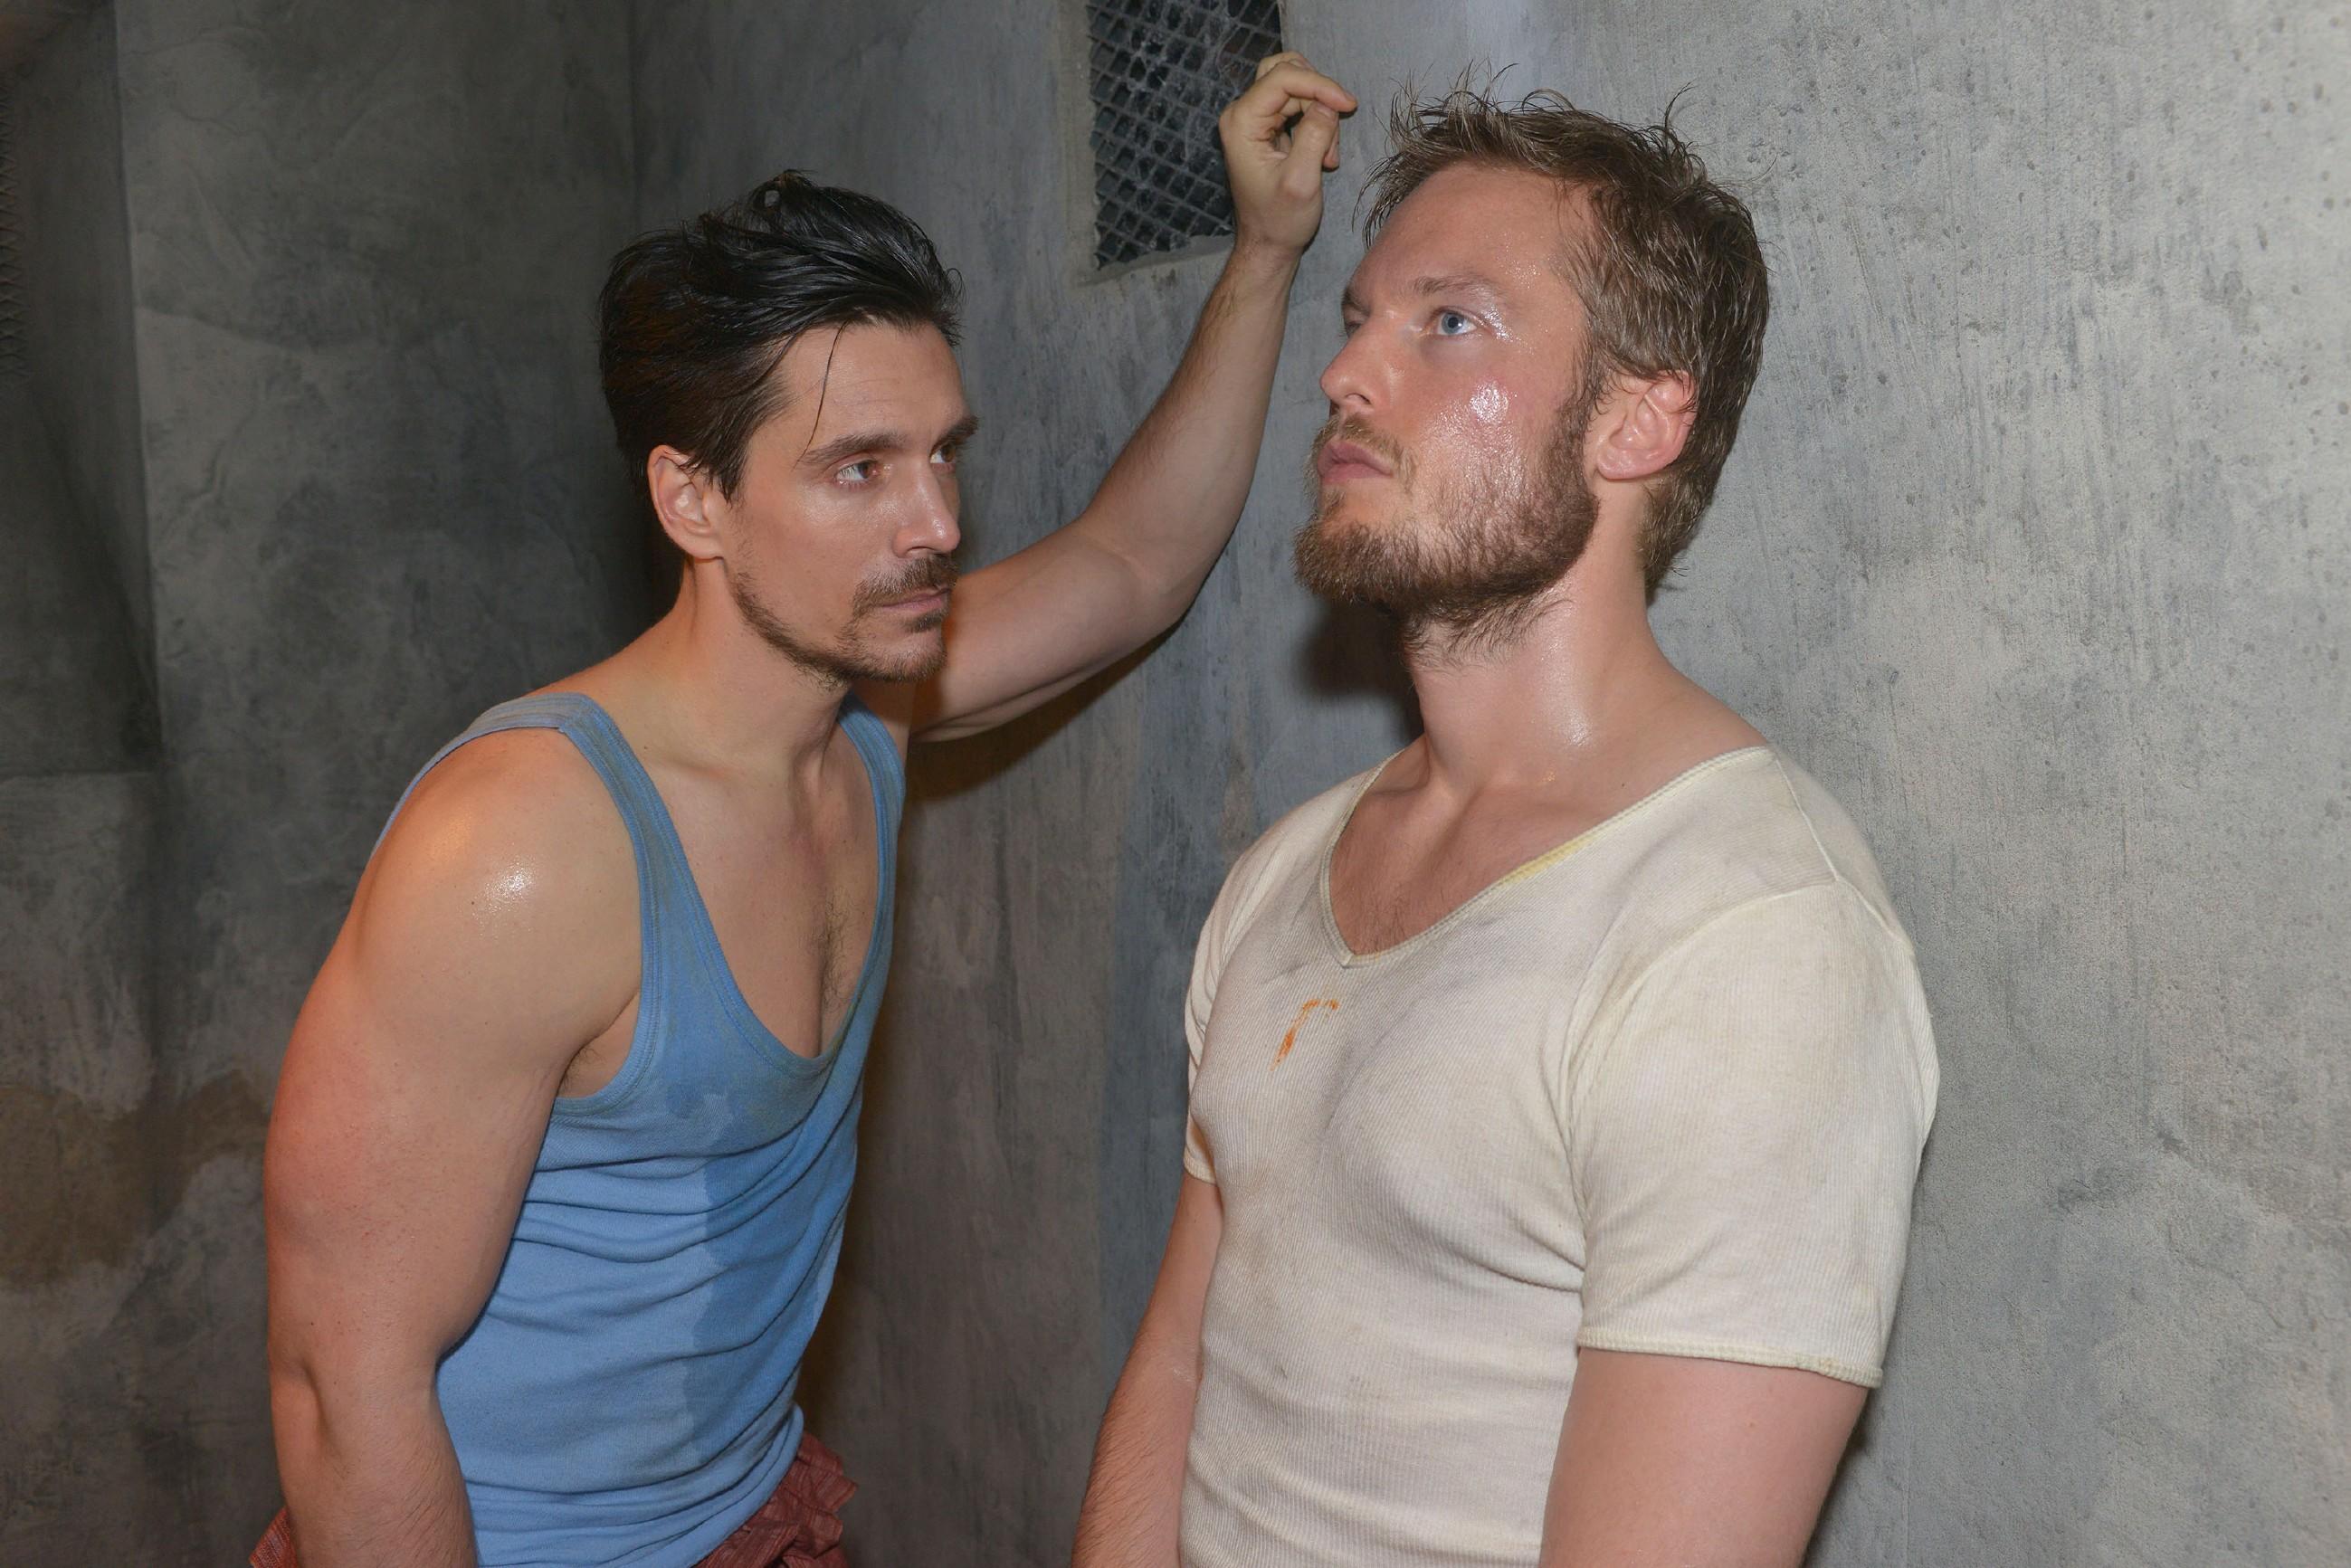 David (Philipp Christopher, l.) versucht im malaysischen Knast an das Handy seines Zellengenossen Tommy Zürner (Marc Bluhm) zu kommen, um Gerner um Hilfe zu bitten. (Quelle: RTL / Rolf Baumgartner)